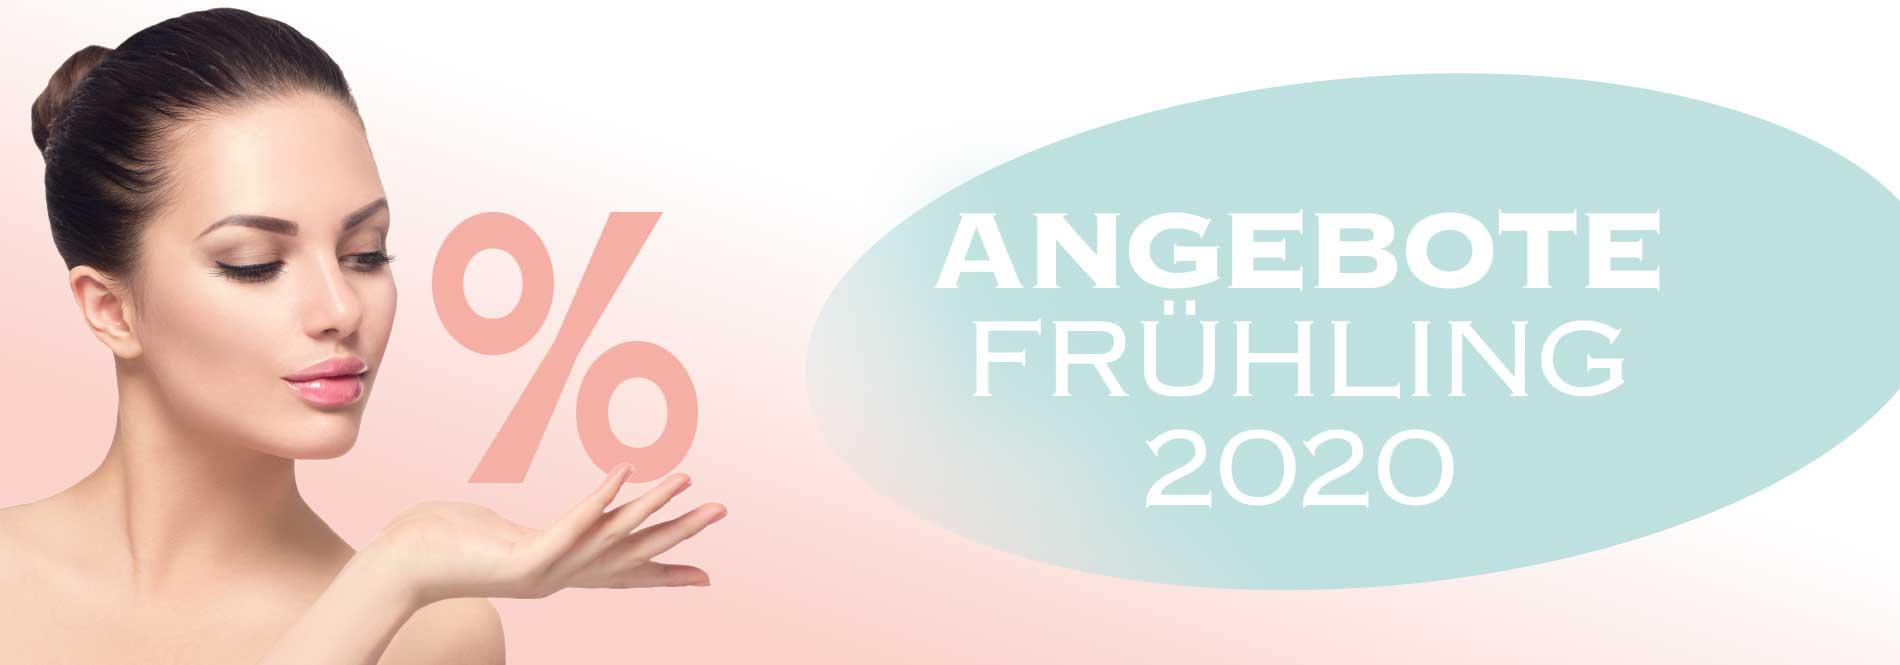 angebote-fruehling-2020-hero